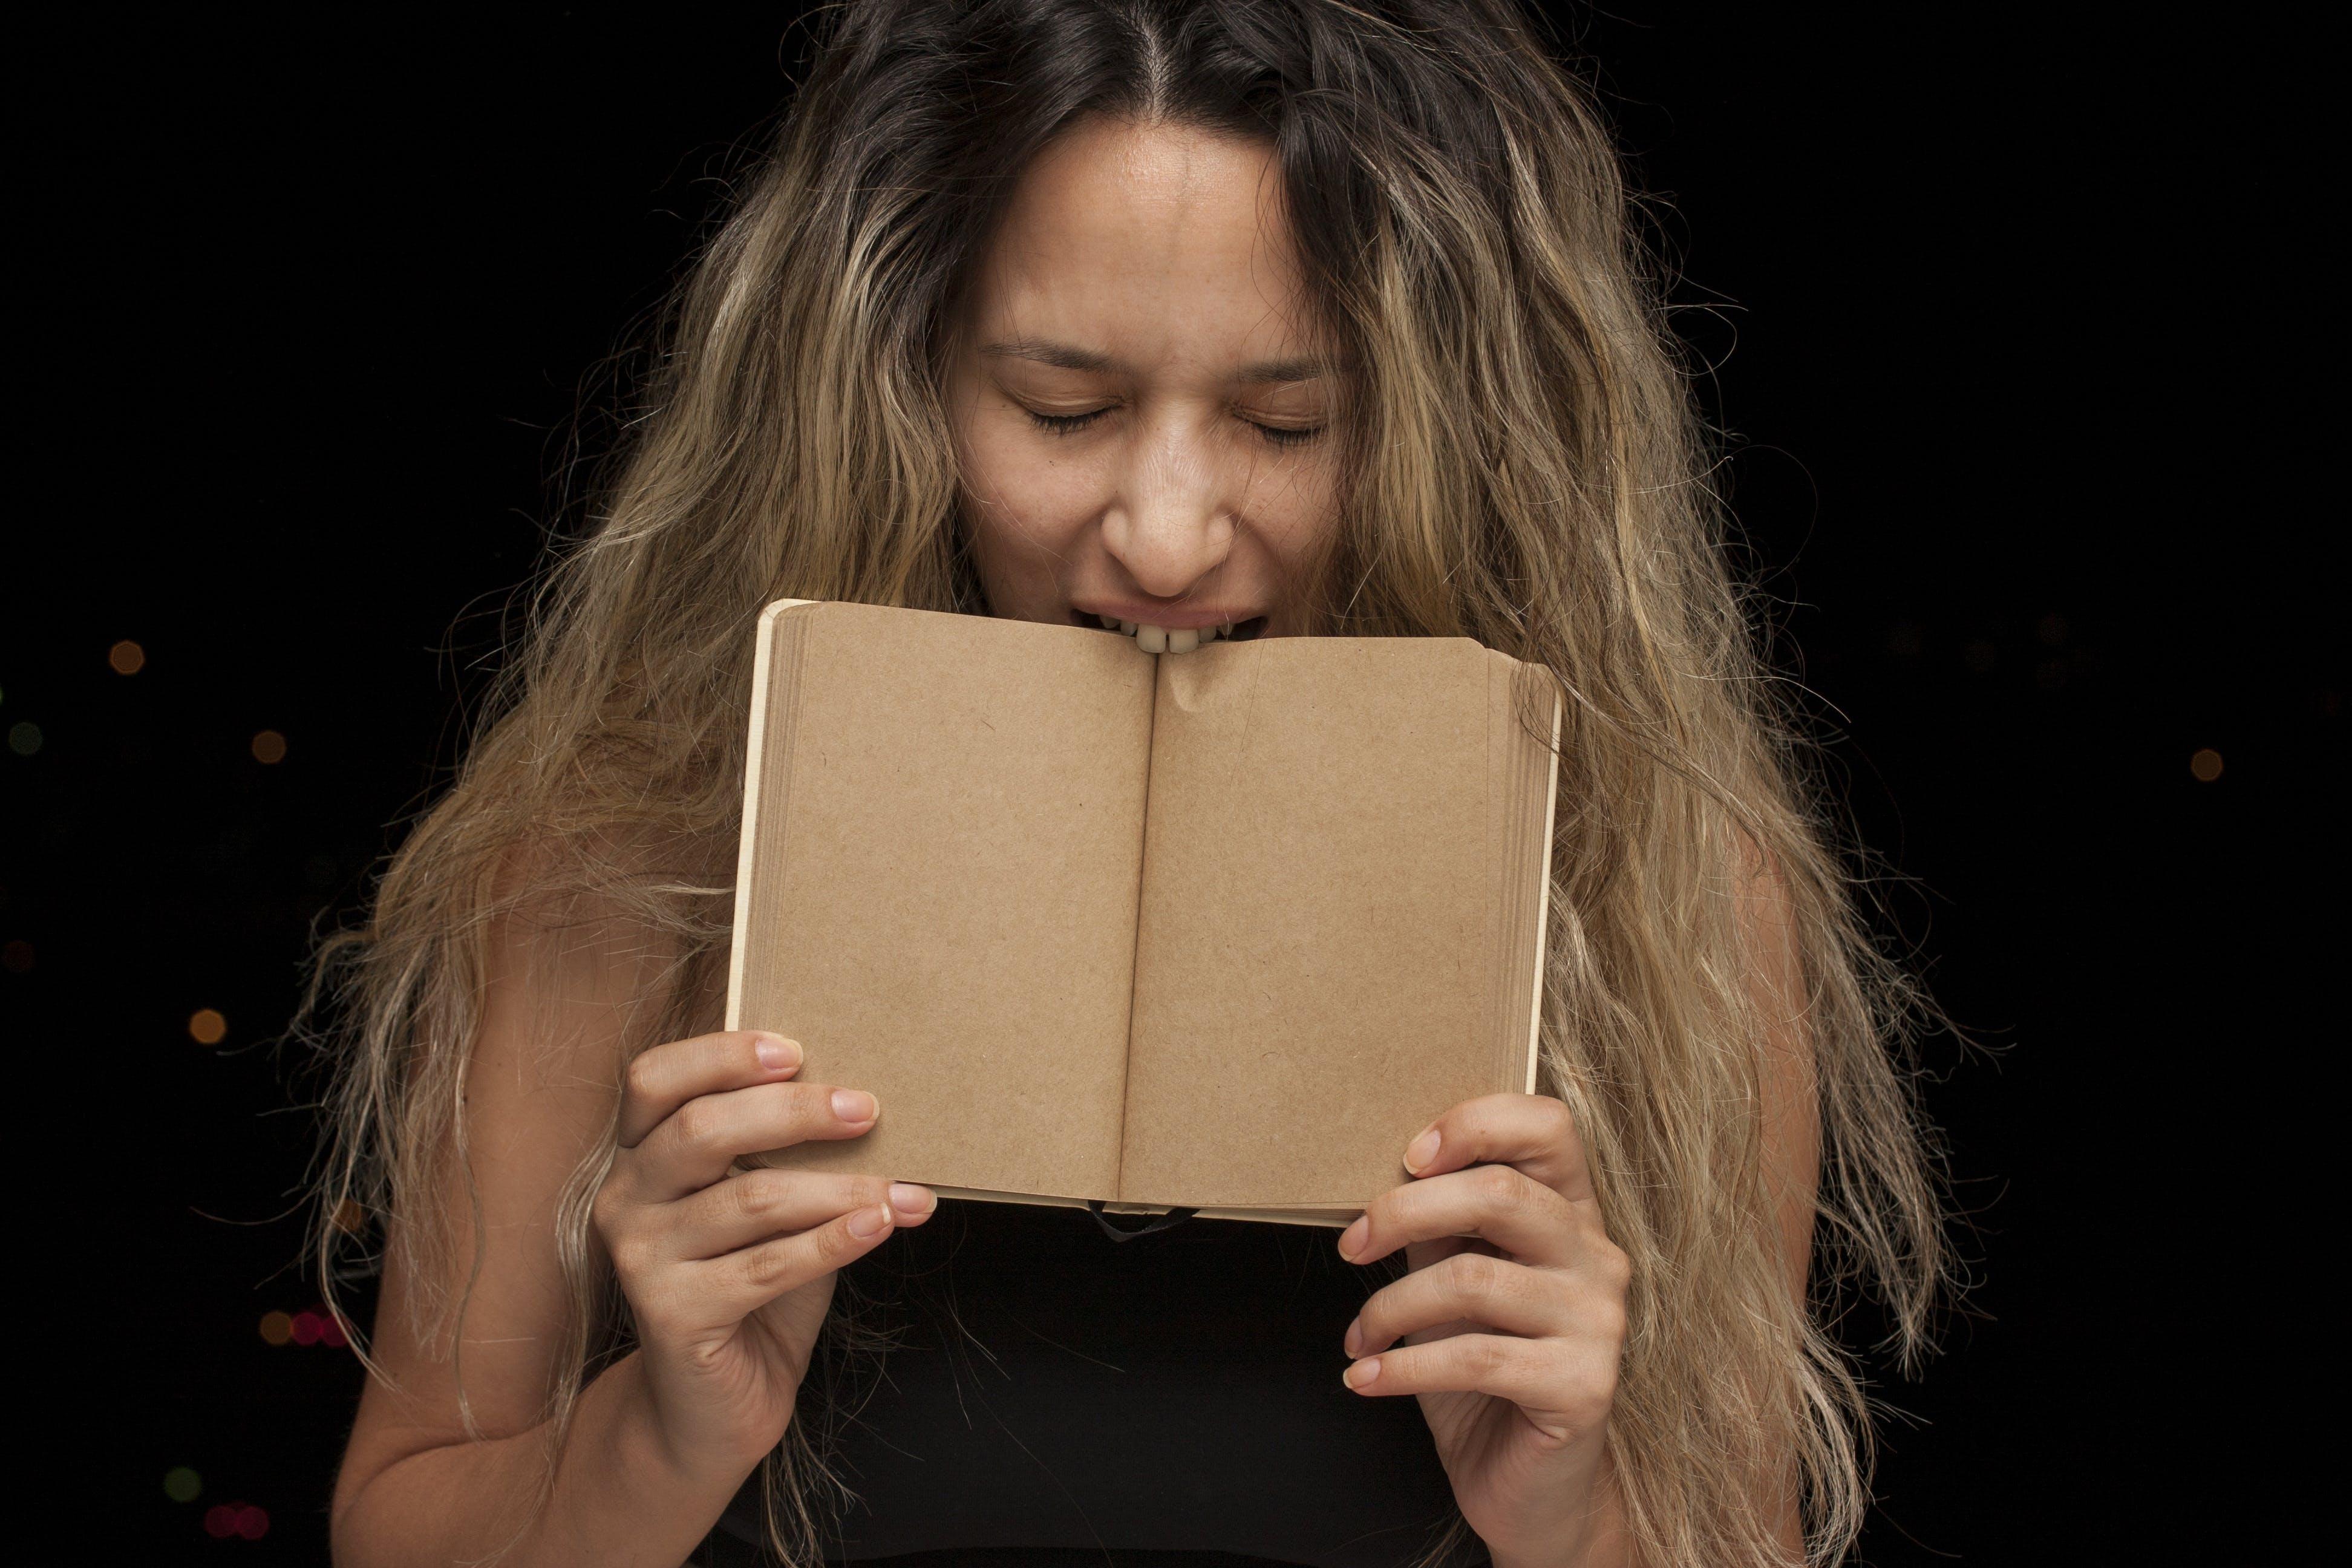 Kostnadsfri bild av flicka, hår, kvinna, långt hår